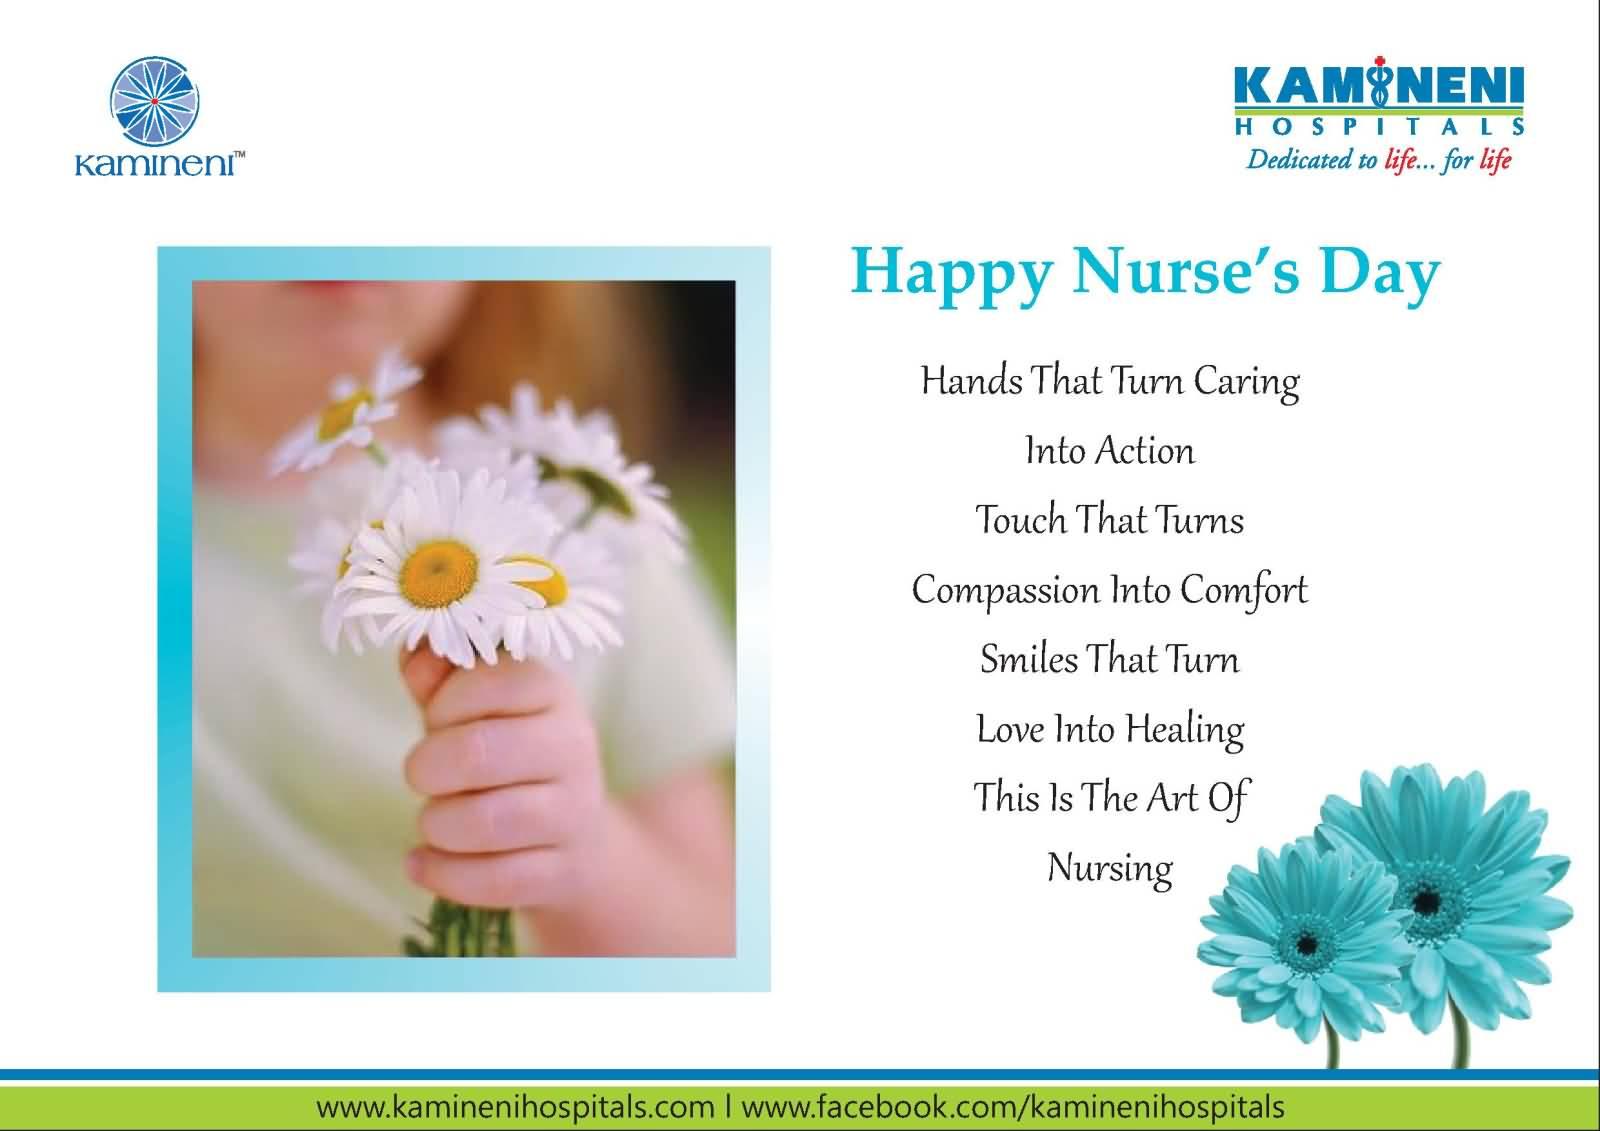 Nurses day iroshfo international nurses day 12 may qaranc m4hsunfo